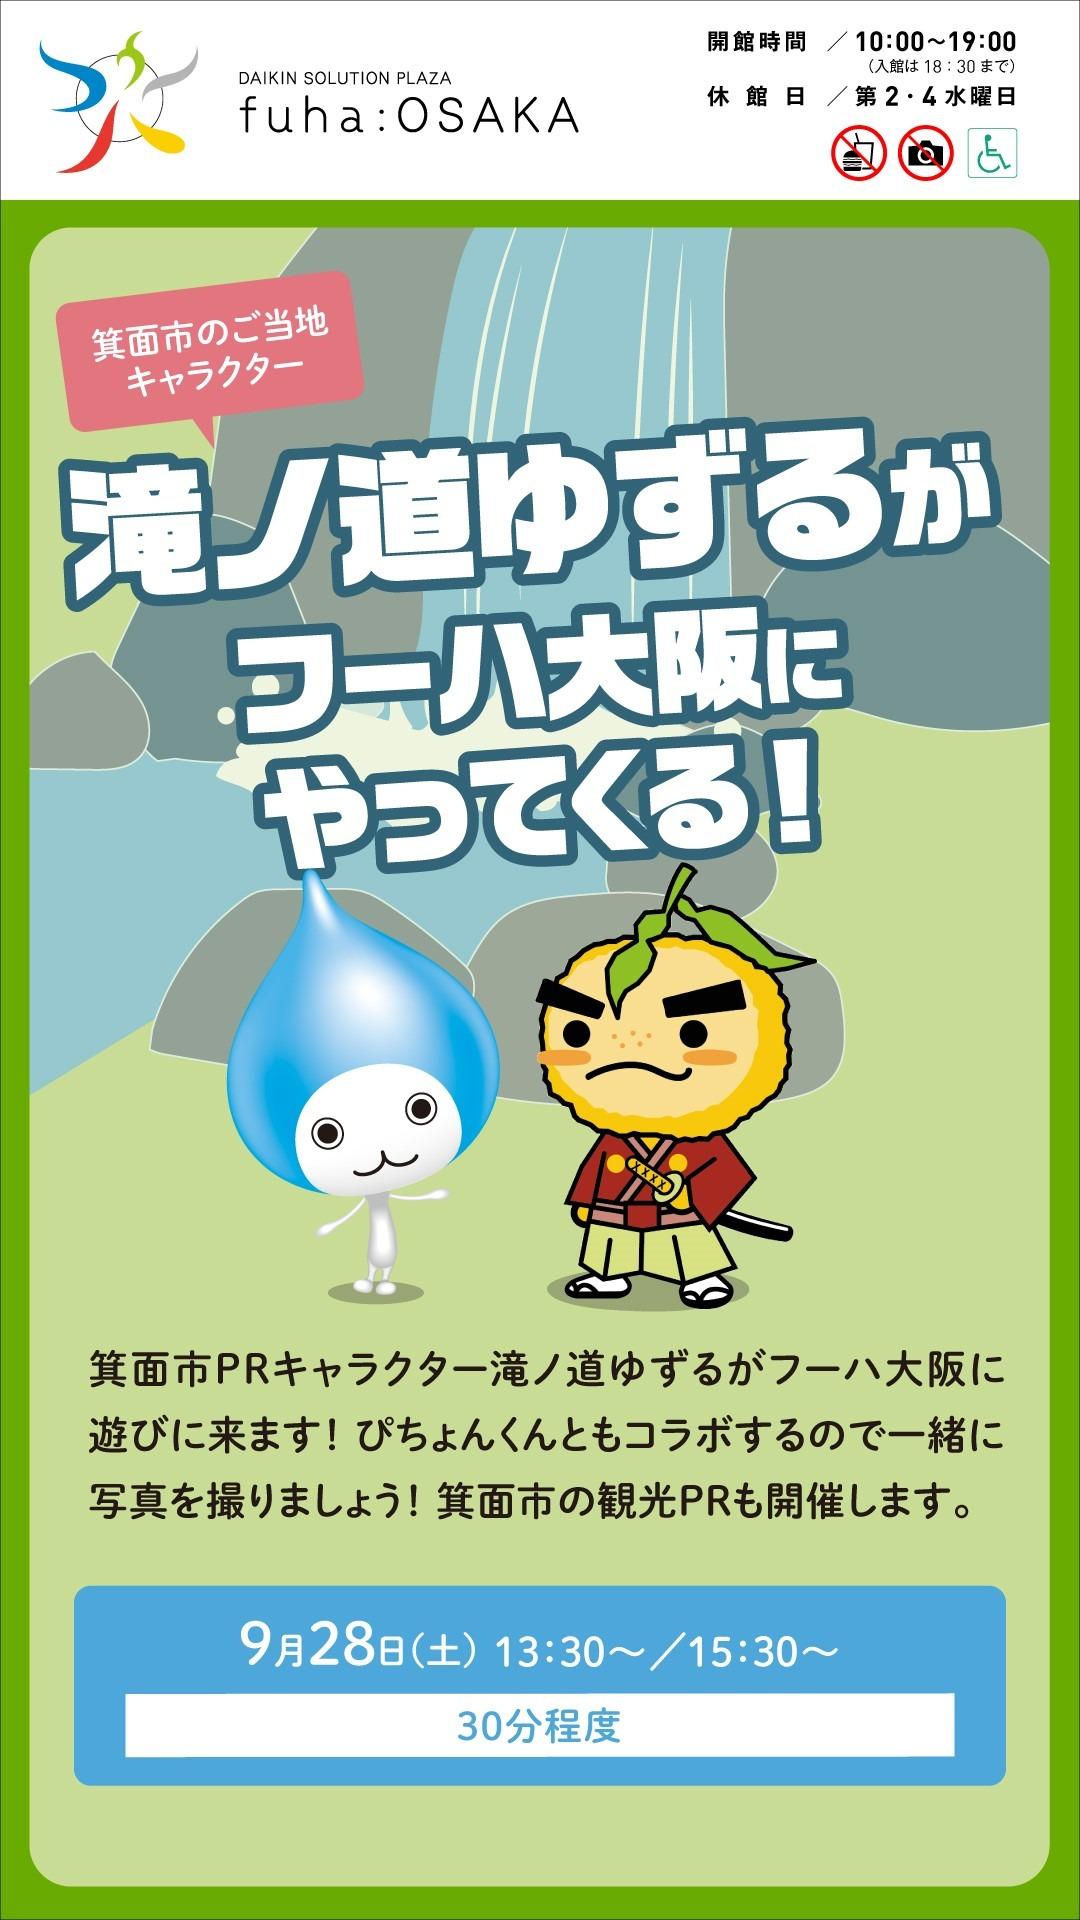 滝ノ道ゆずるがフーハ大阪にやってくる!